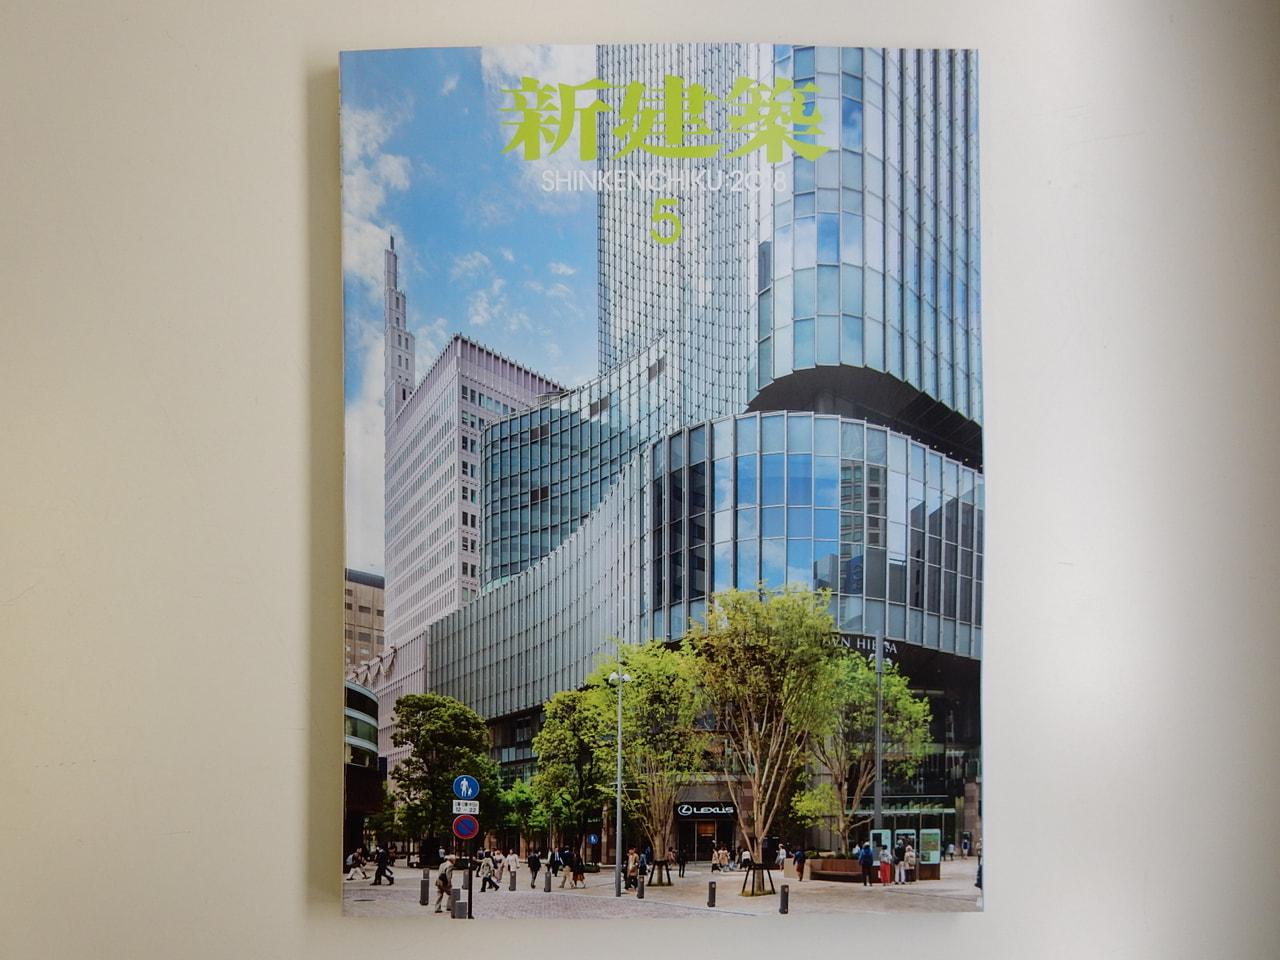 竹原先生が設計・プランニングを担当された「東京クラシッククラブ クラブハウス」が「新建築2018 5月号」に掲載されました